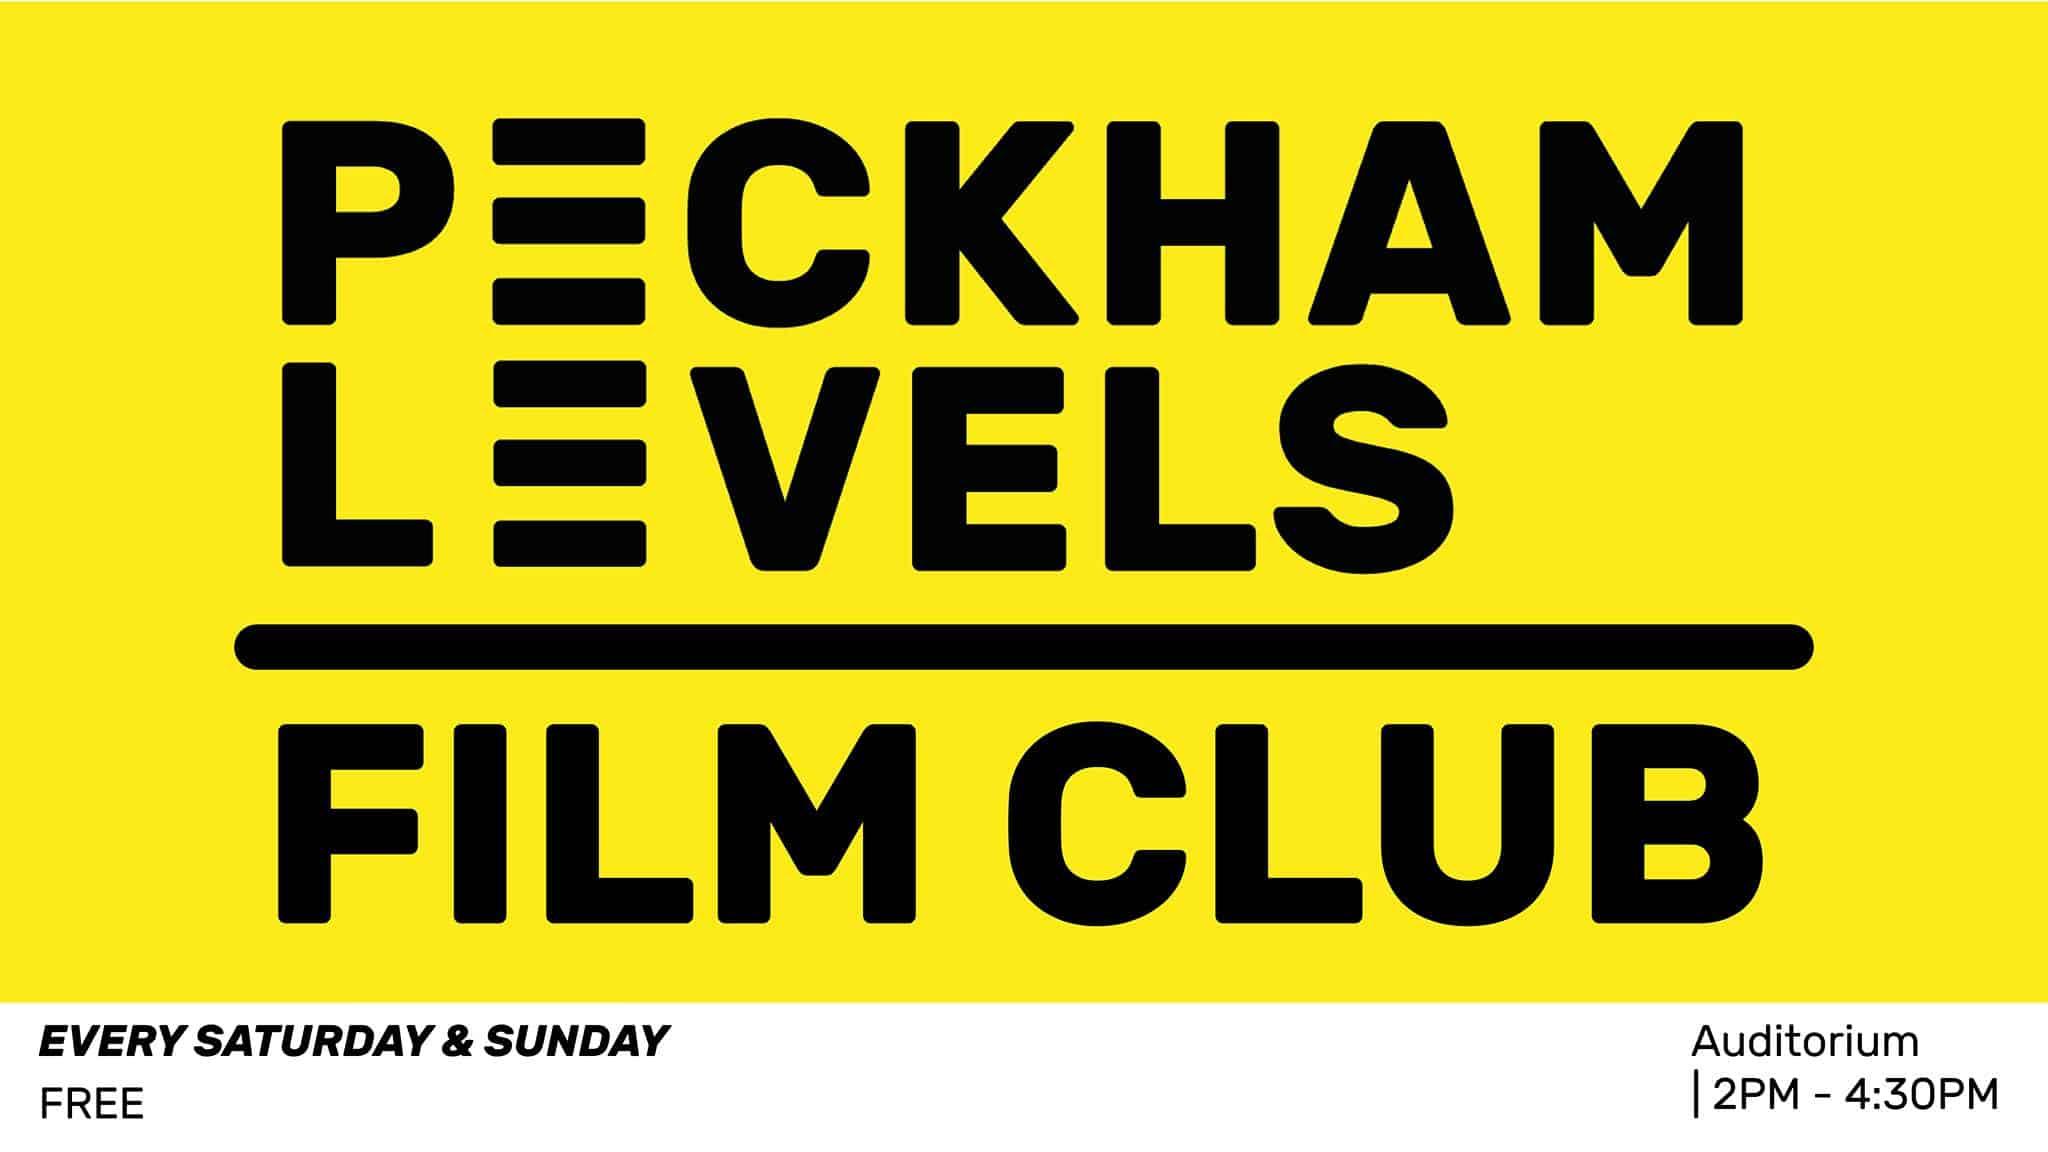 Dog-friendly Peckham Levels Film Club